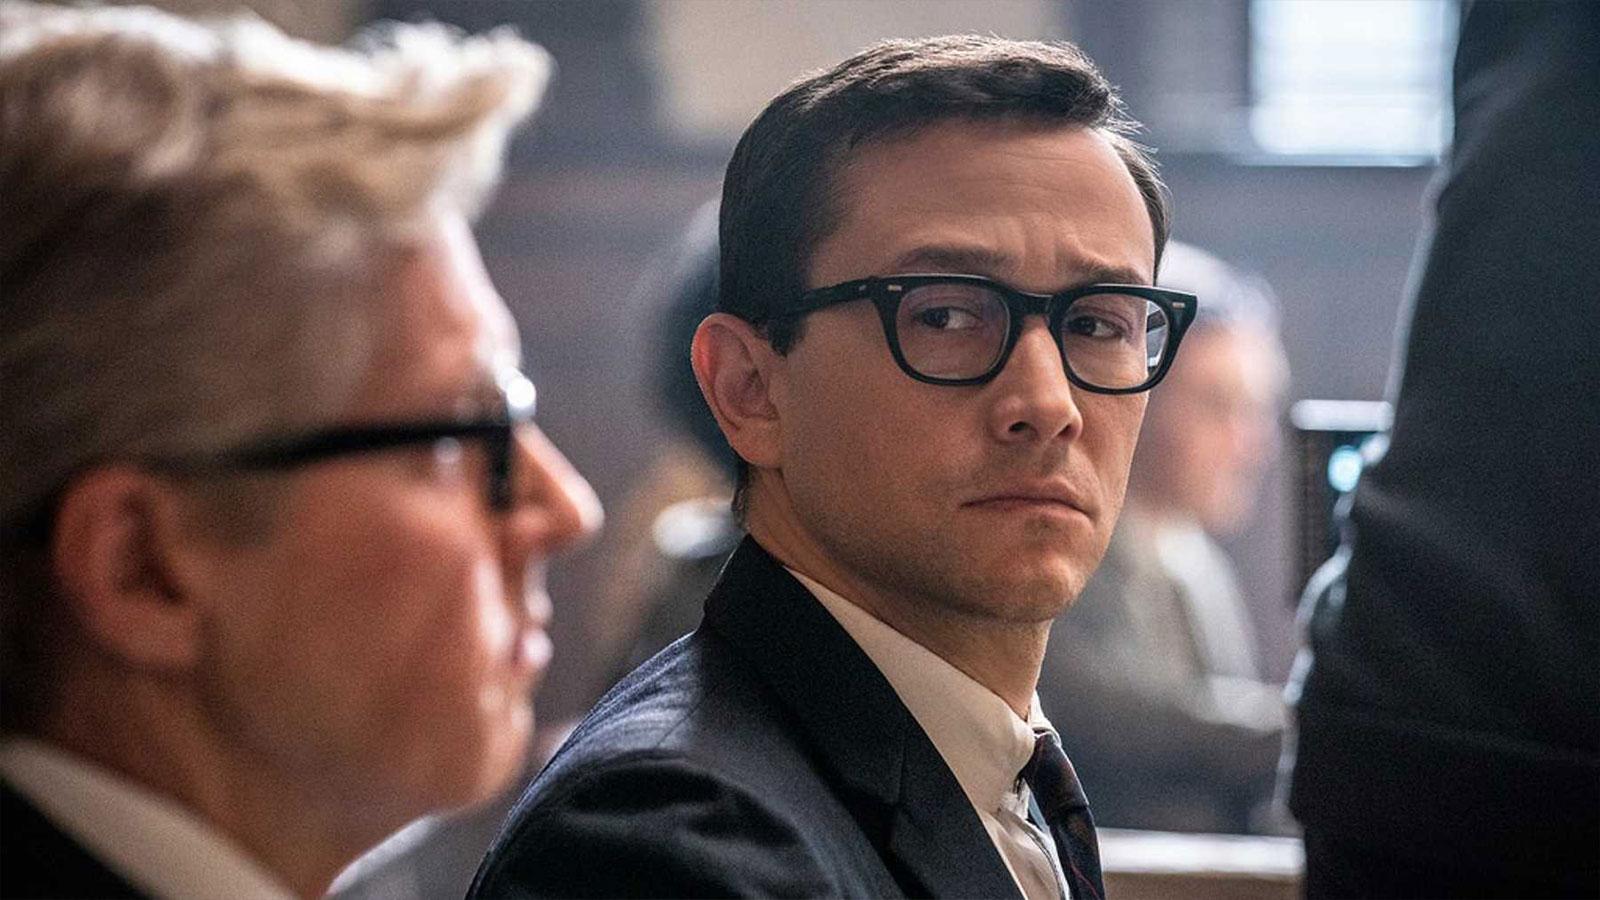 جدیدترین تریلر فیلم The Trial of the Chicago 7